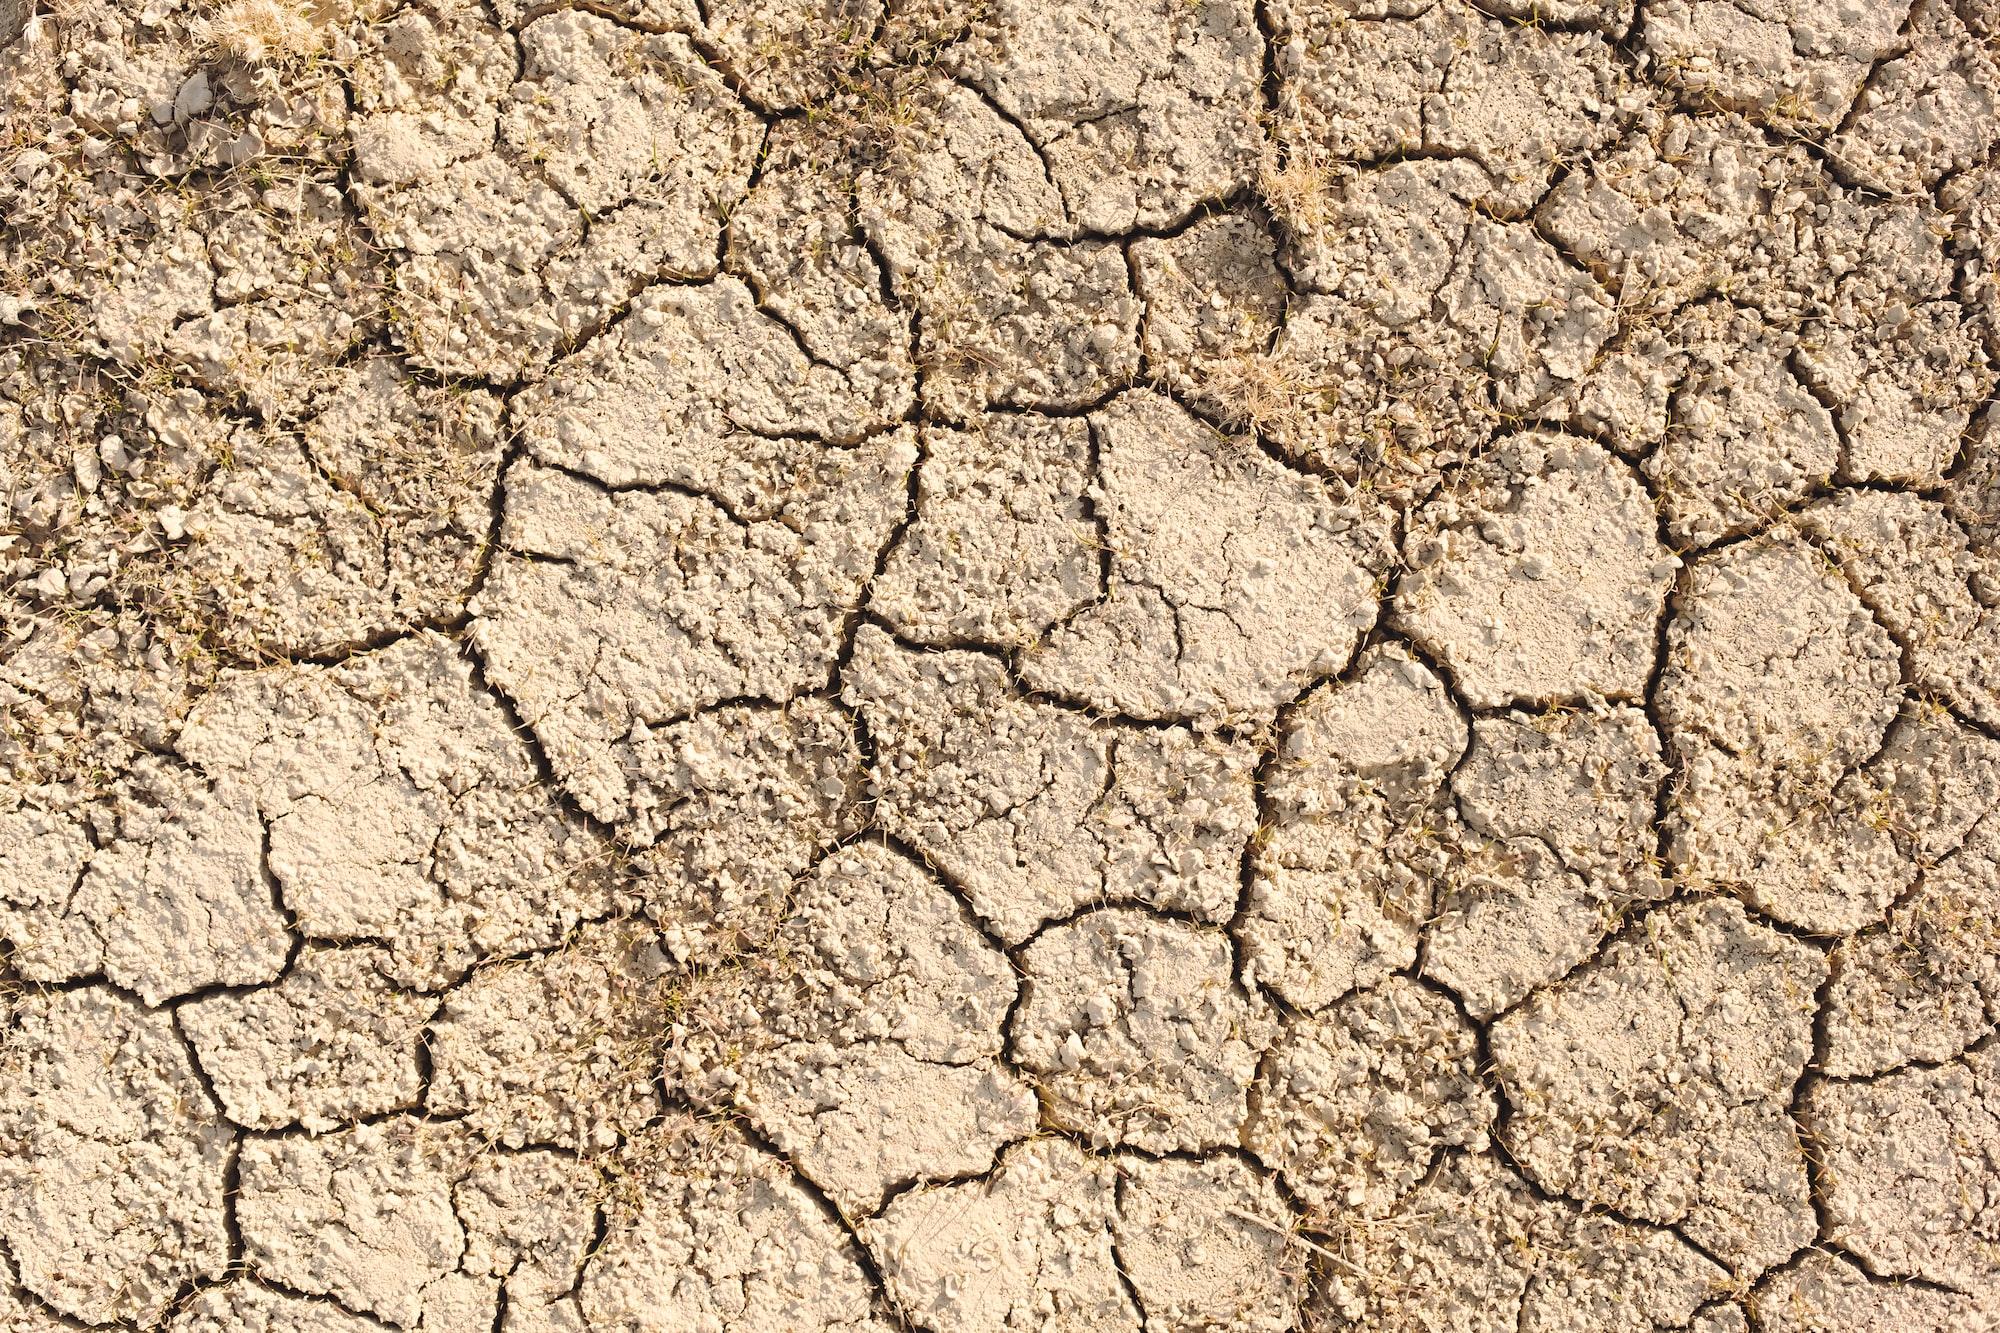 Revelan nuevo método de medir el impacto del cambio climático en la agricultura